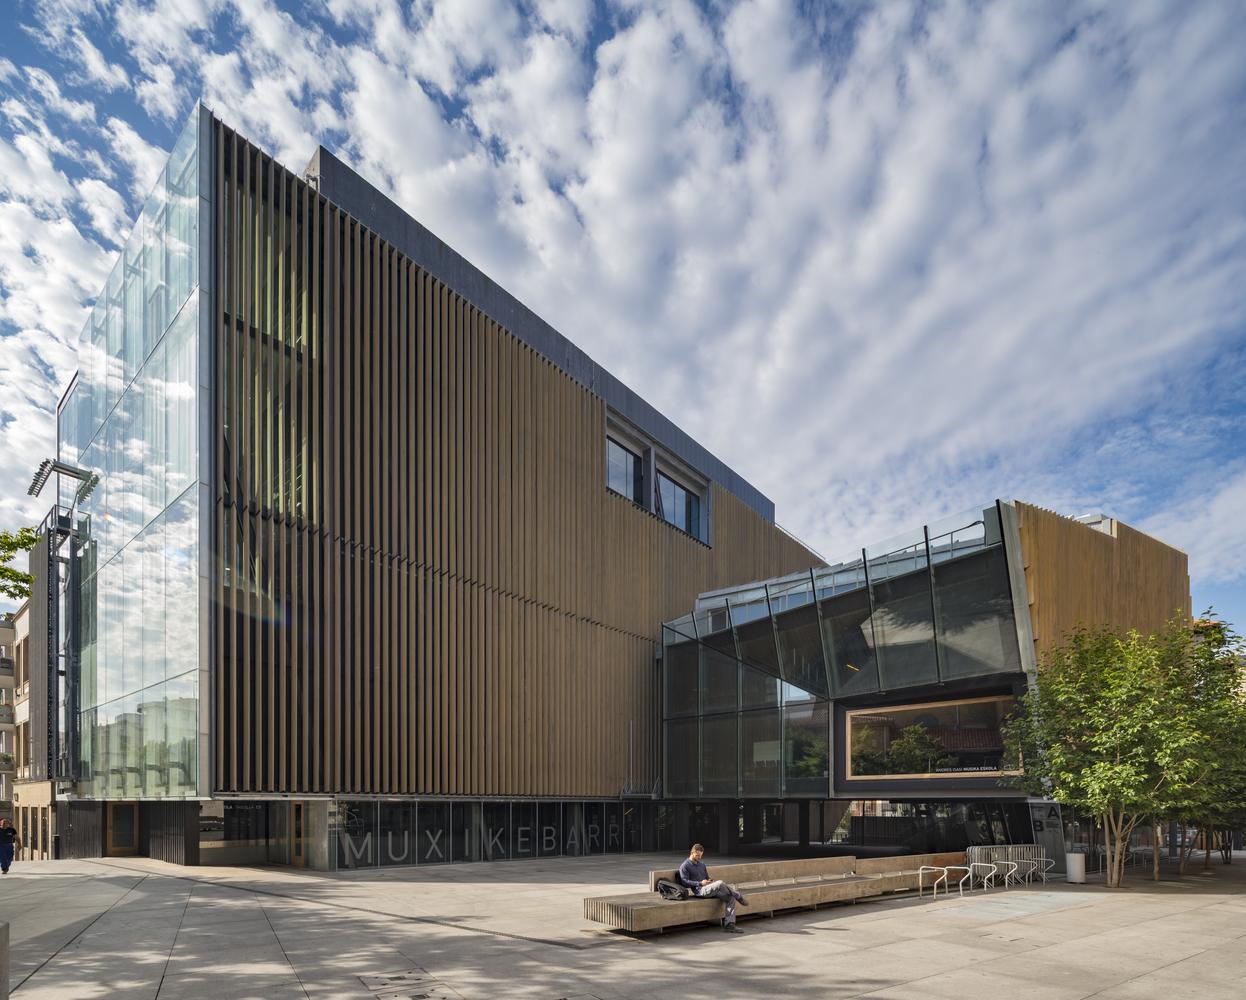 Centro de Artes Escénicas y Escuela de Música Muxikebarri / LMU Arkitektura